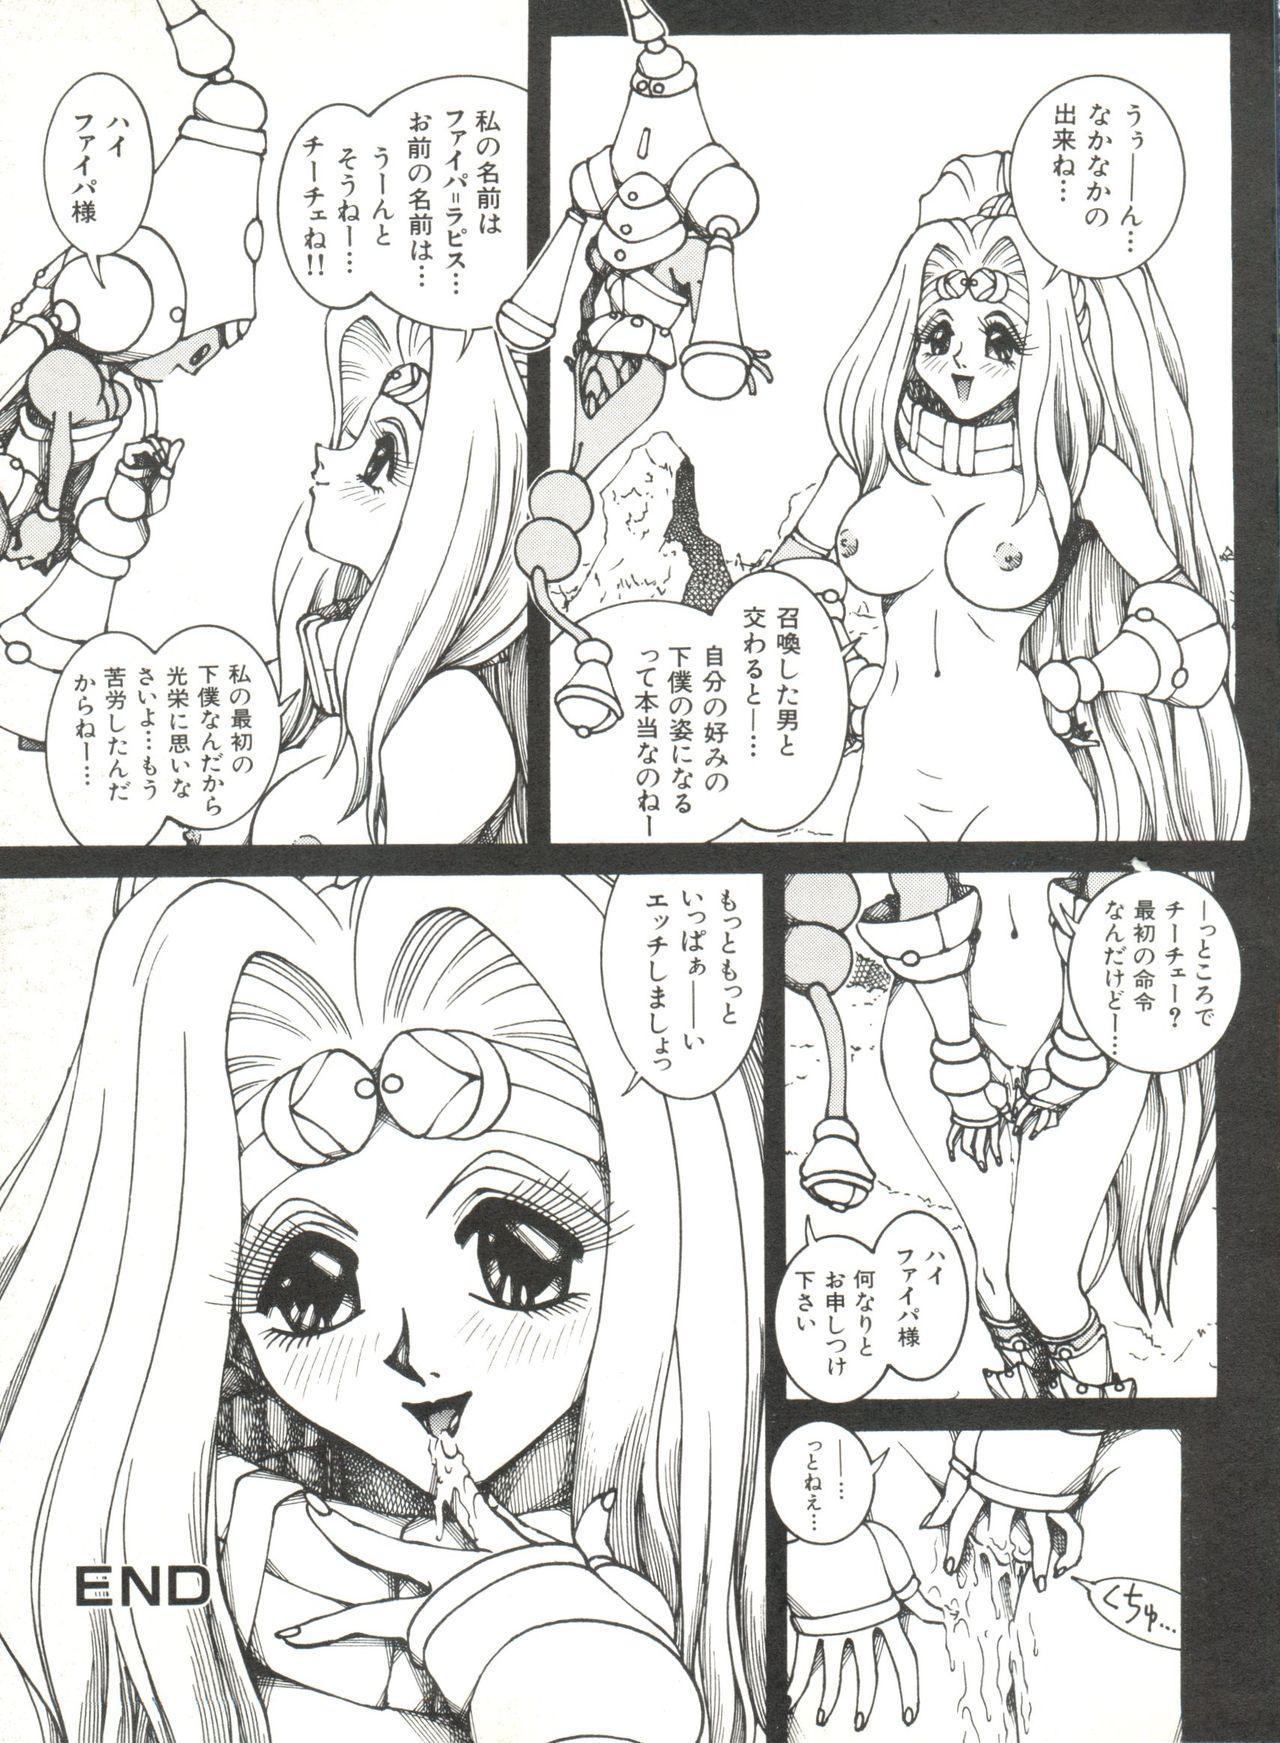 Bishoujo Doujinshi Anthology 6 64